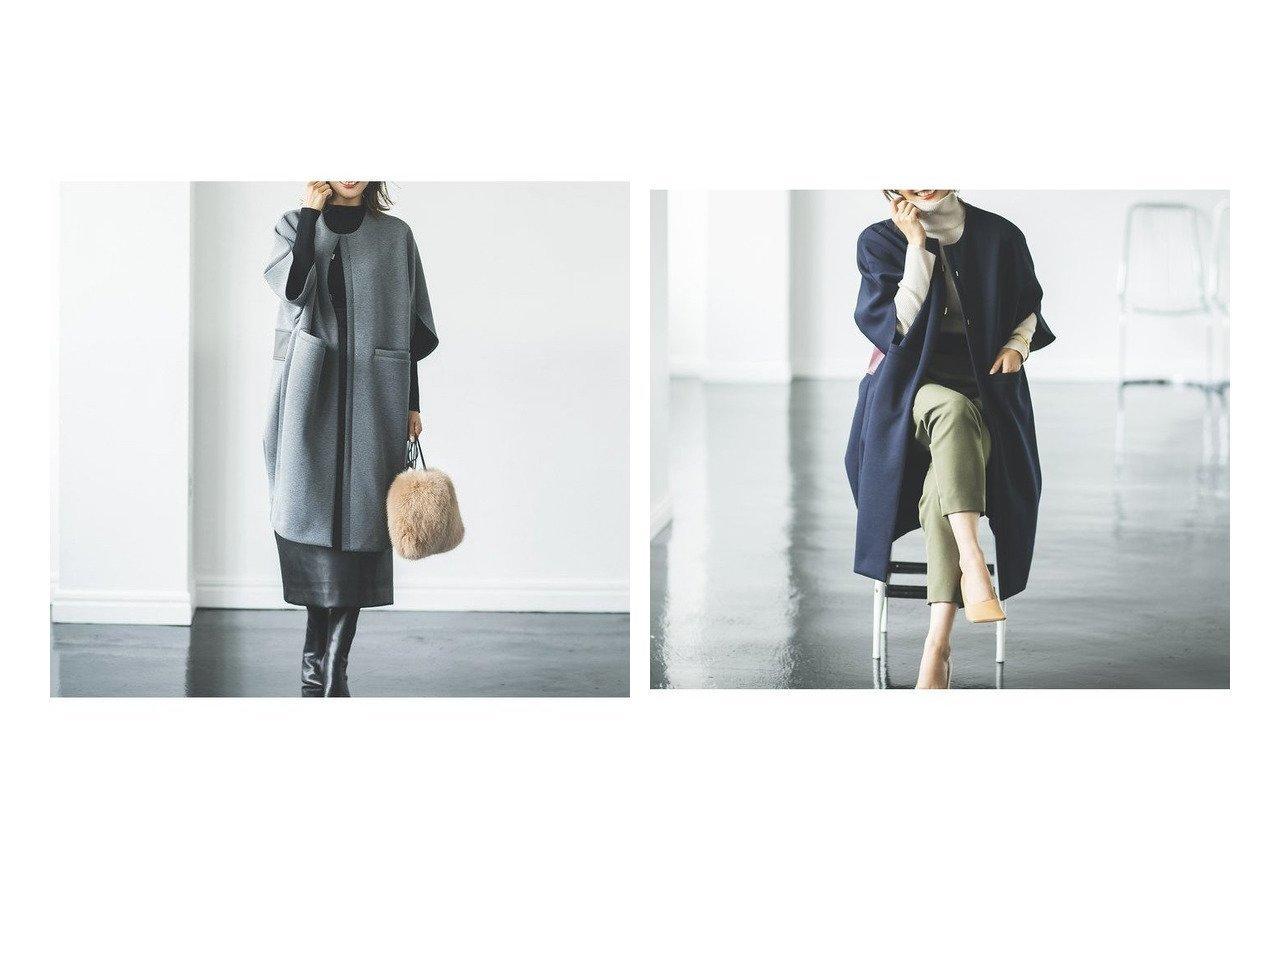 【EUCLAID/エウクレイド】の【Aya×EUCLAID】バイカラーコクーンコート 別注・限定・コラボなど、おすすめで人気!ファッション通販 おすすめファッション通販アイテム インテリア・キッズ・メンズ・レディースファッション・服の通販 founy(ファニー) ファッション Fashion レディース WOMEN アウター Coat Outerwear コート Coats カーディガン コラボ シンプル スマホ スリーブ チューリップ 人気 バランス フォルム 羽織 グレー系 Gray ブルー系 Blue |ID:crp329100000004570